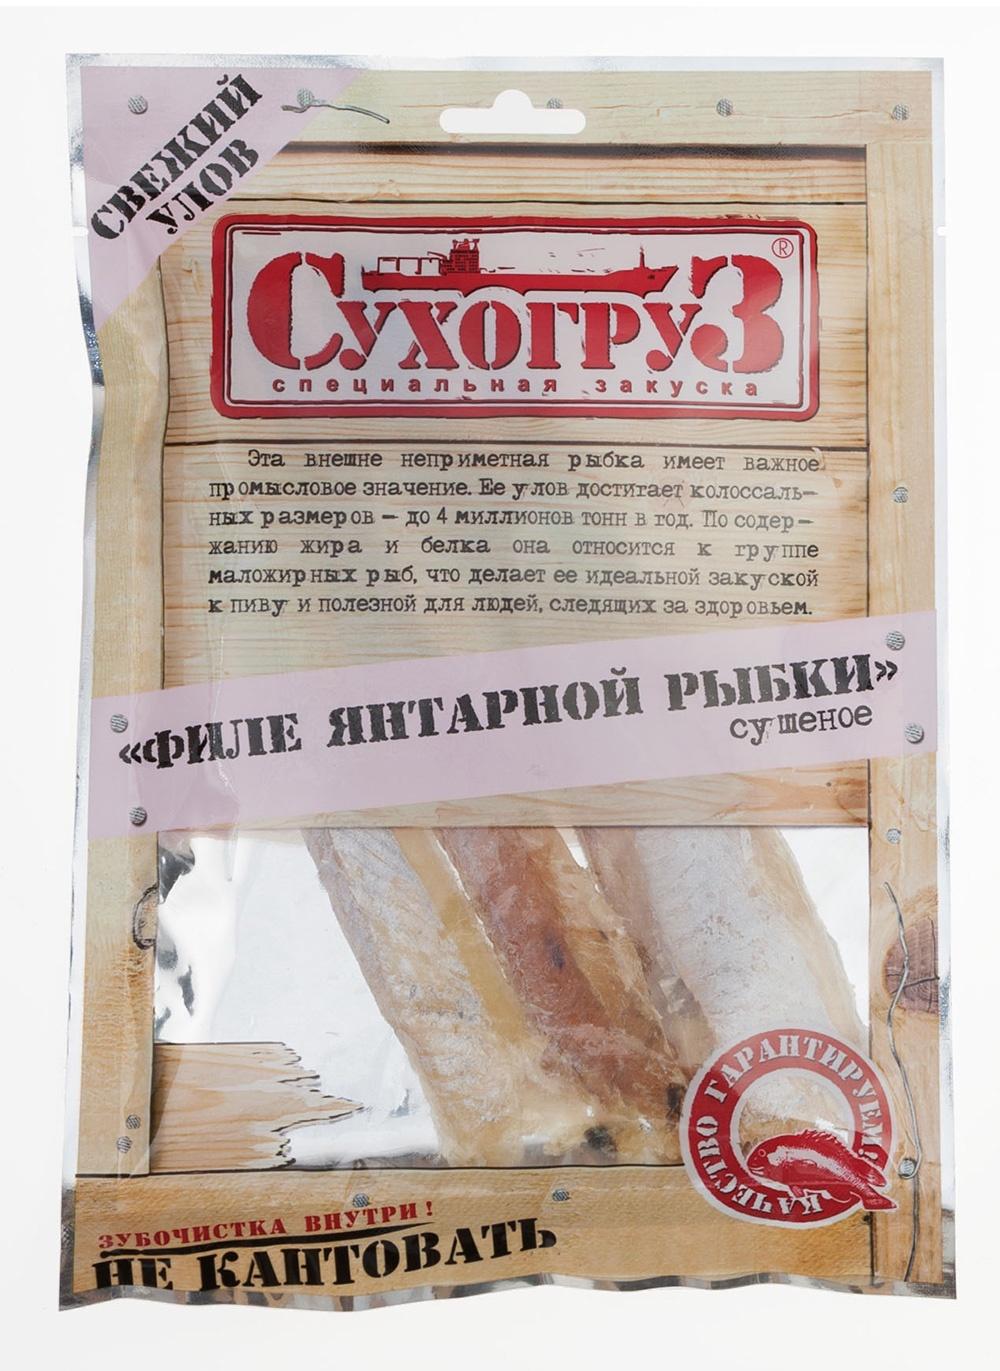 Сушеная рыба Сухогруз Филе янтарной рыбки, 70 г.